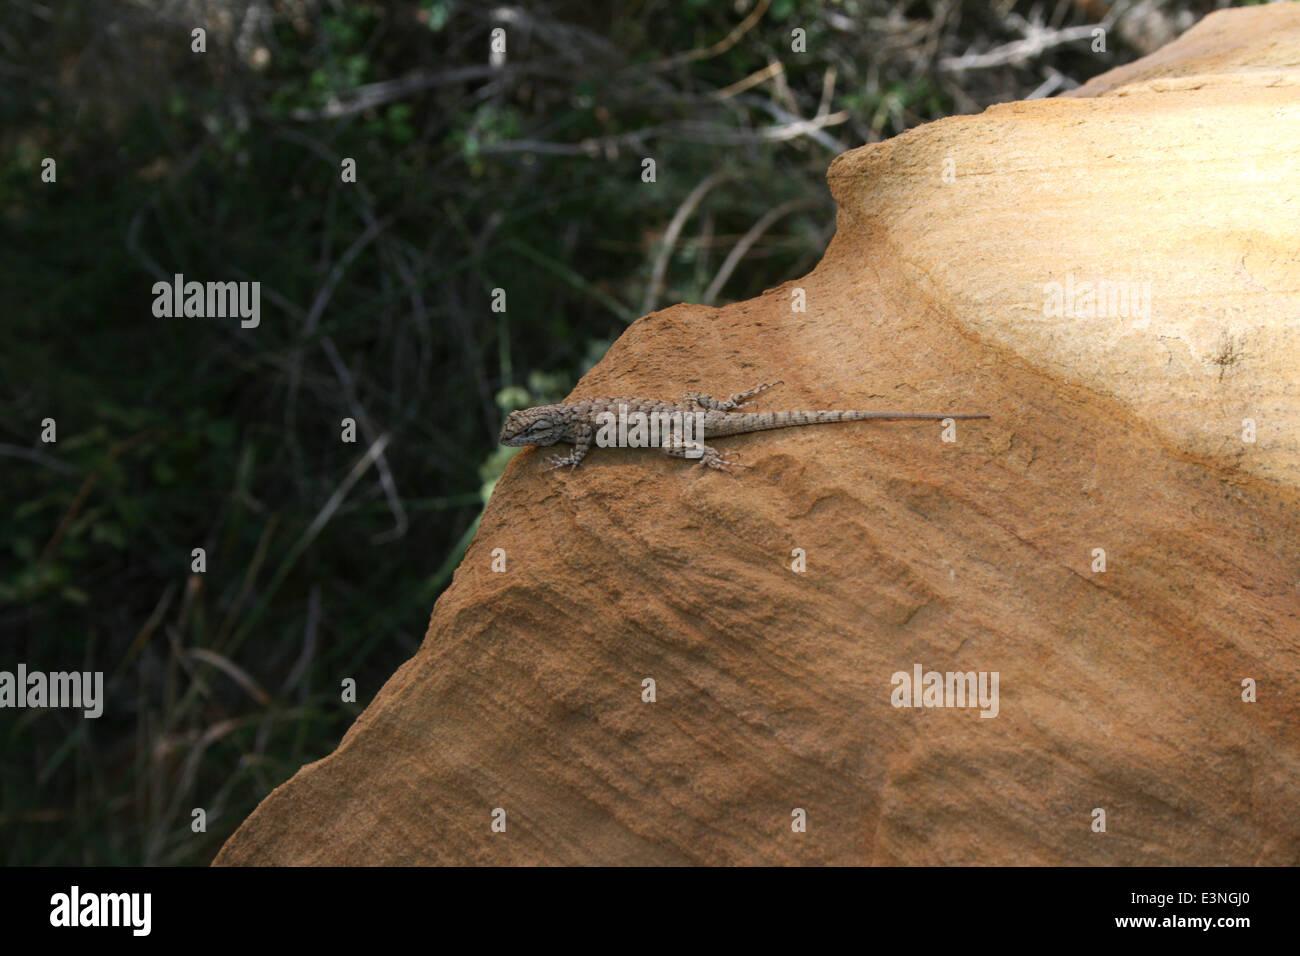 Eidechse auf dem Felsen - Stock Image